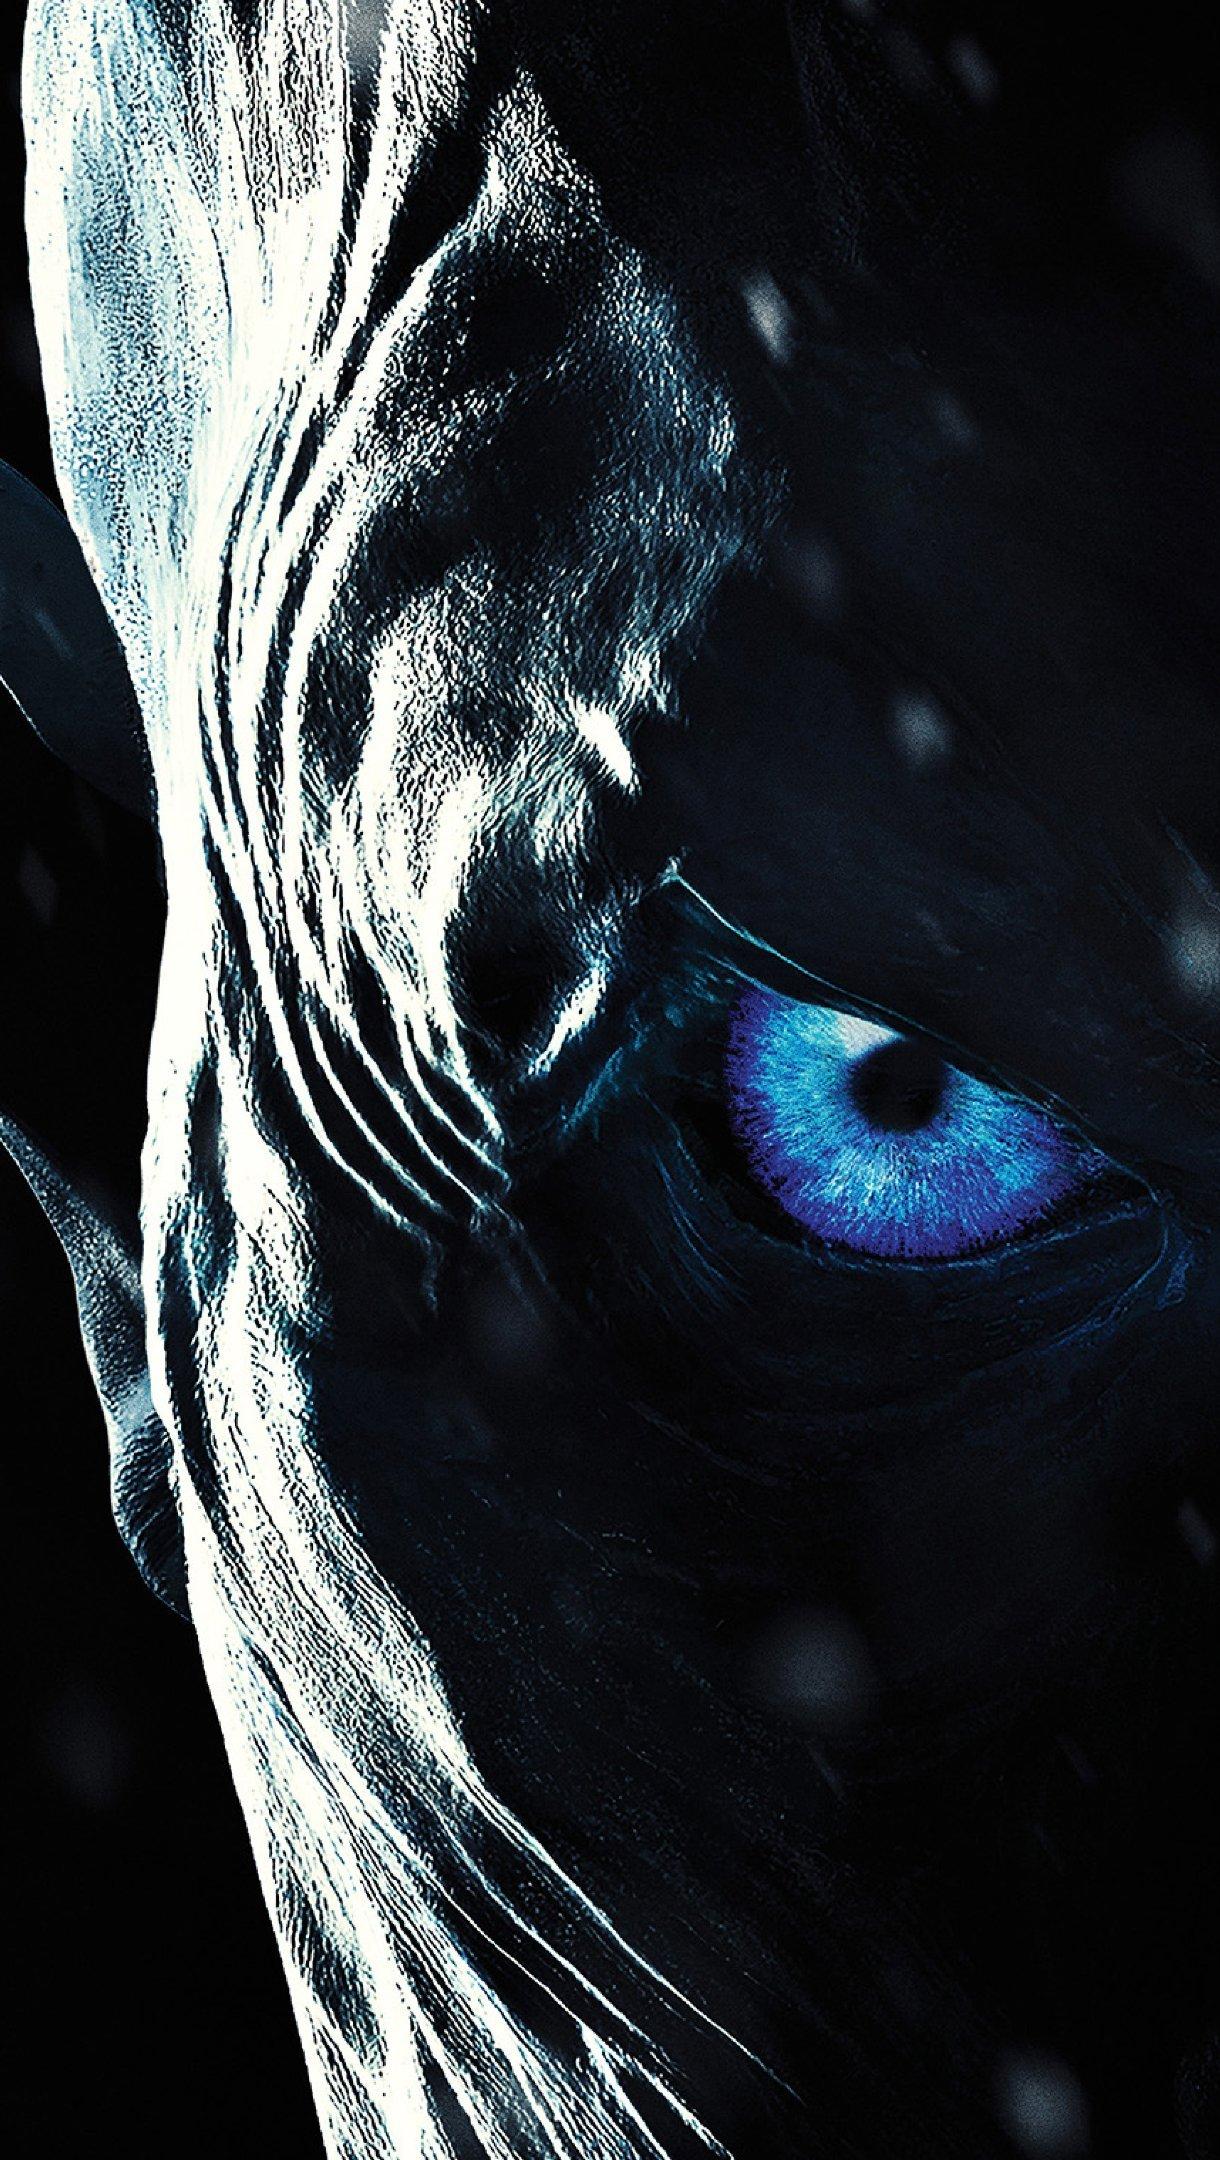 Fondos de pantalla Game of Thrones Vertical